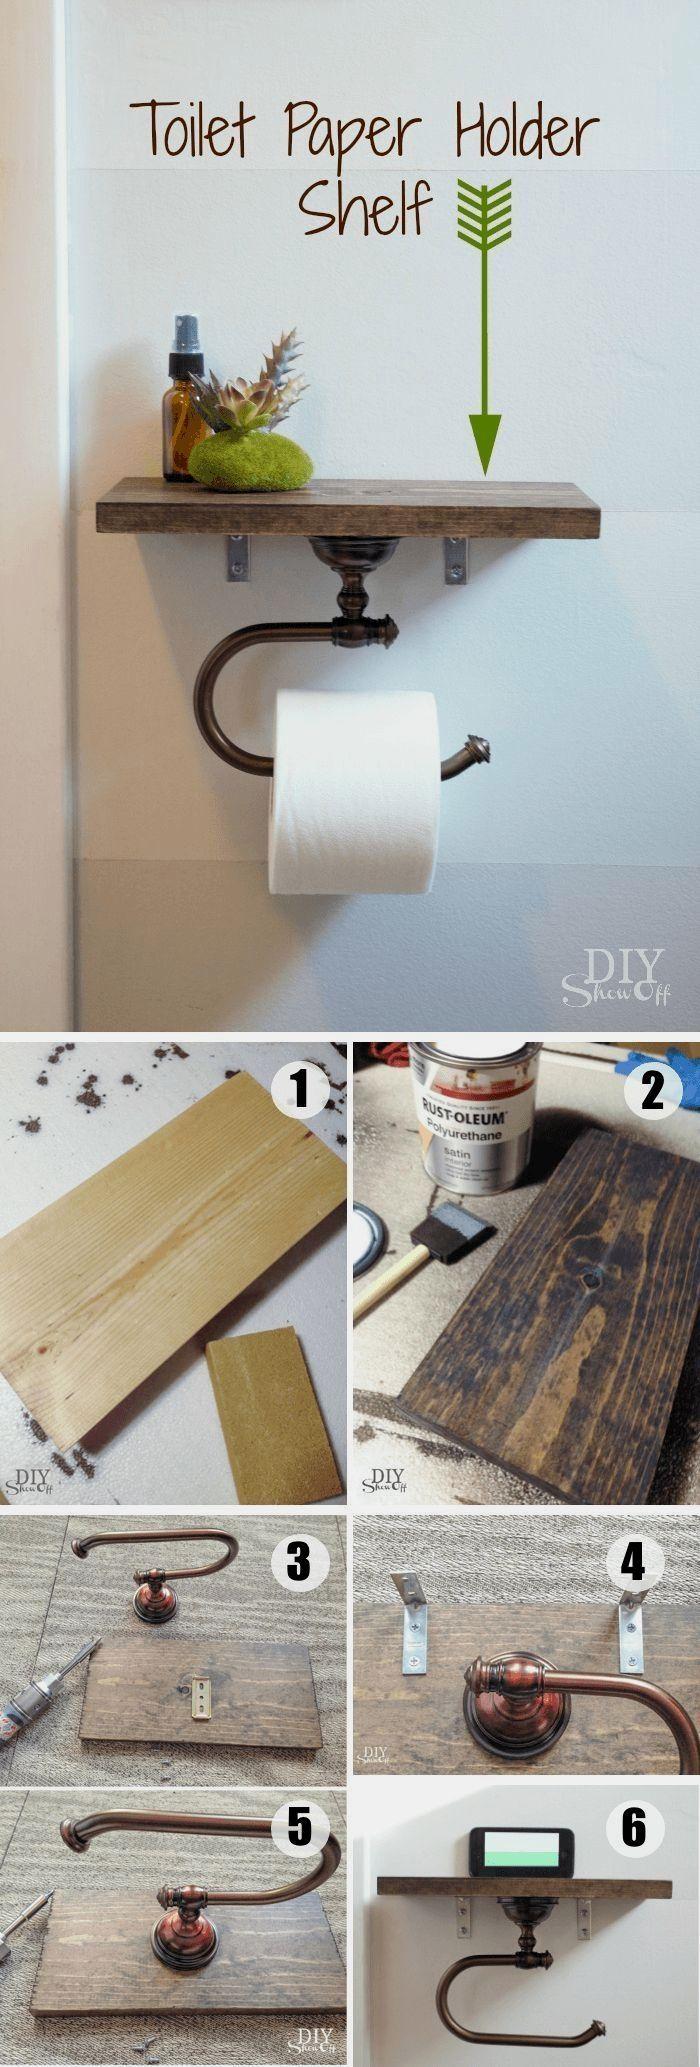 Diy Bathroom Decor Ideas In 2020 Diy Toilet Paper Holder Toilet Paper Holder Diy Toilet